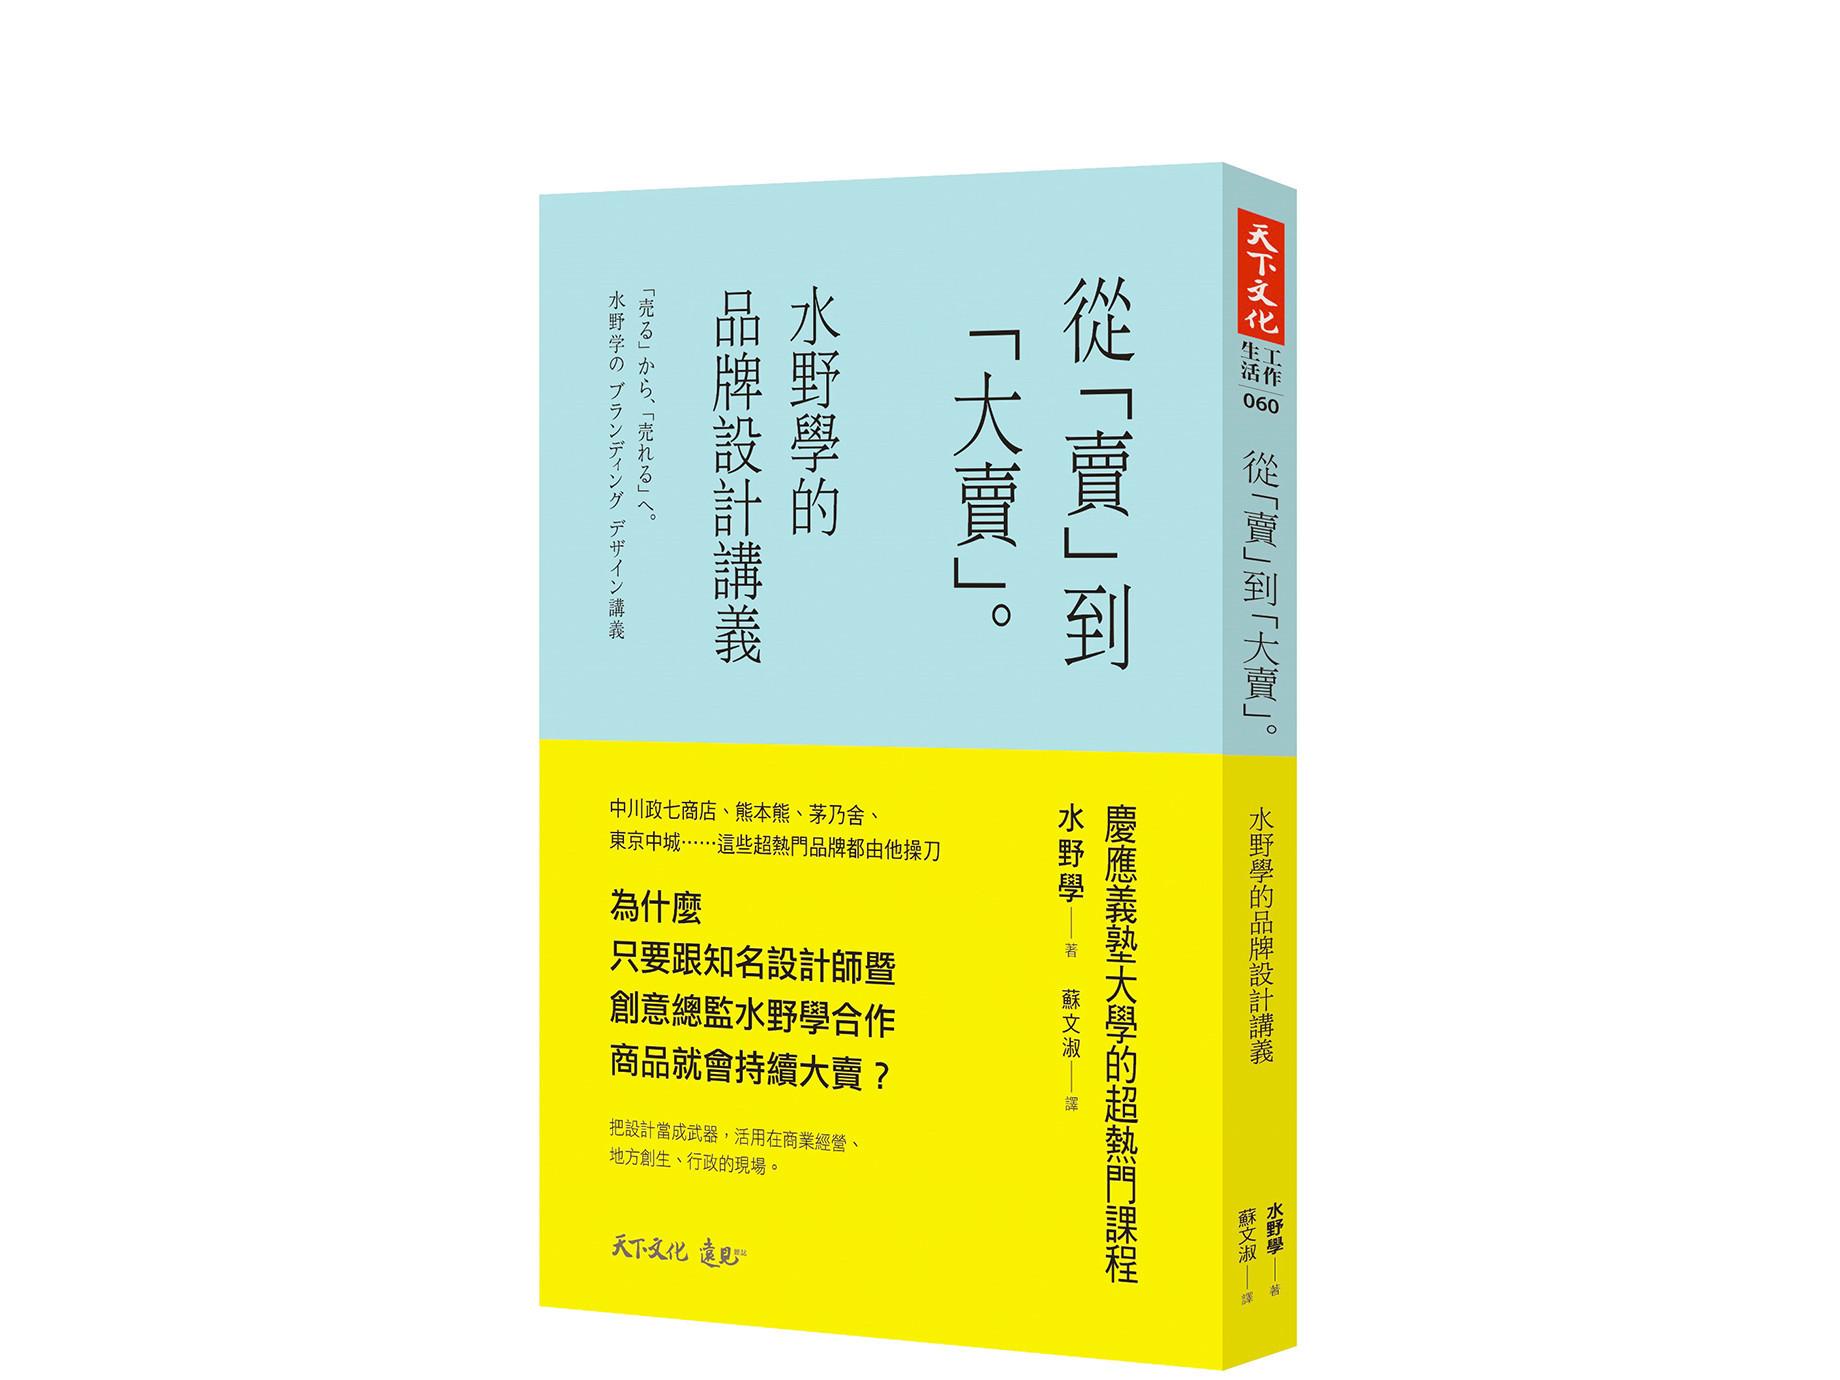 新書搶先看》產品難被青睞的時代,「大賣」的3種迷思